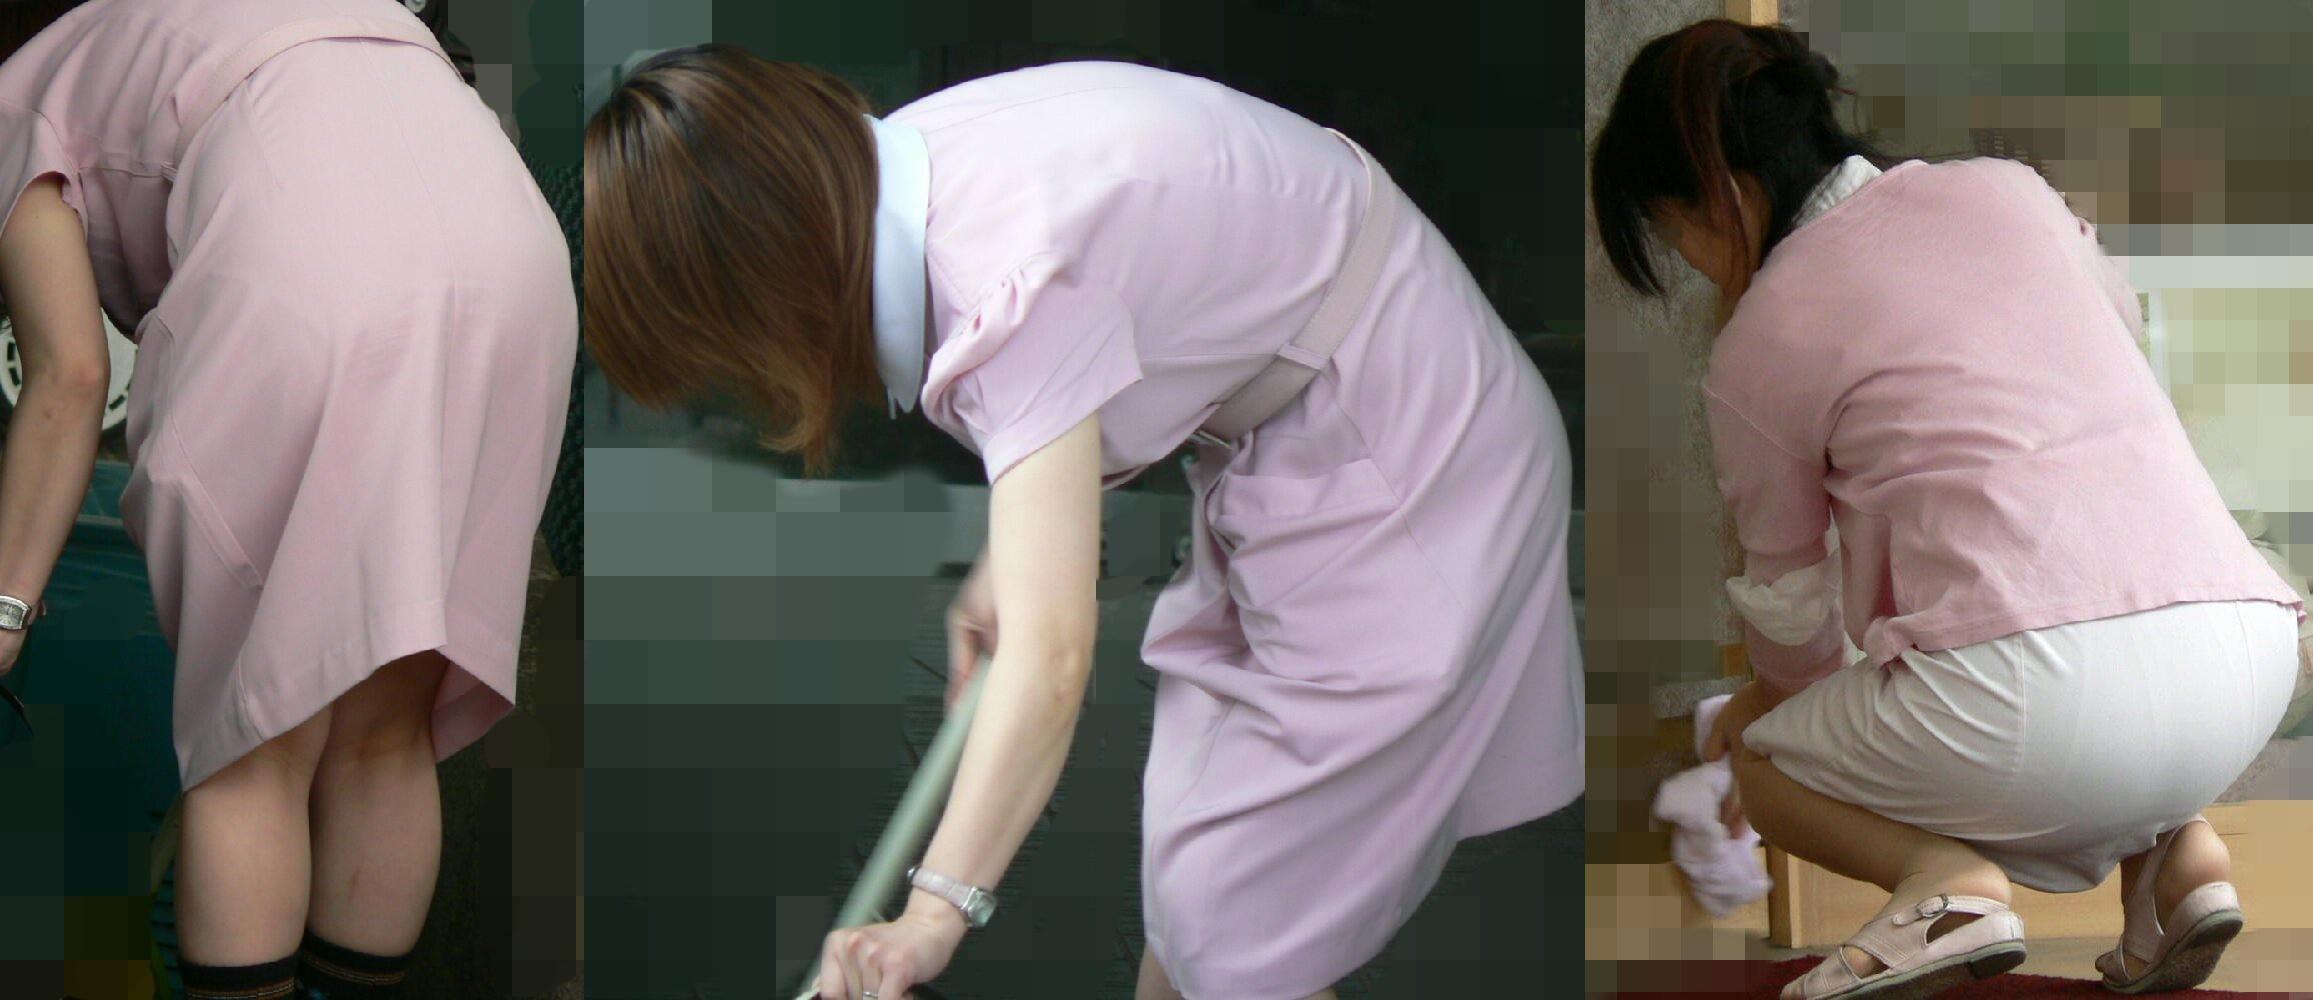 【ナースエロ画像】鉄壁の白衣でもなかったりする看護師たちの下着透けwww 03